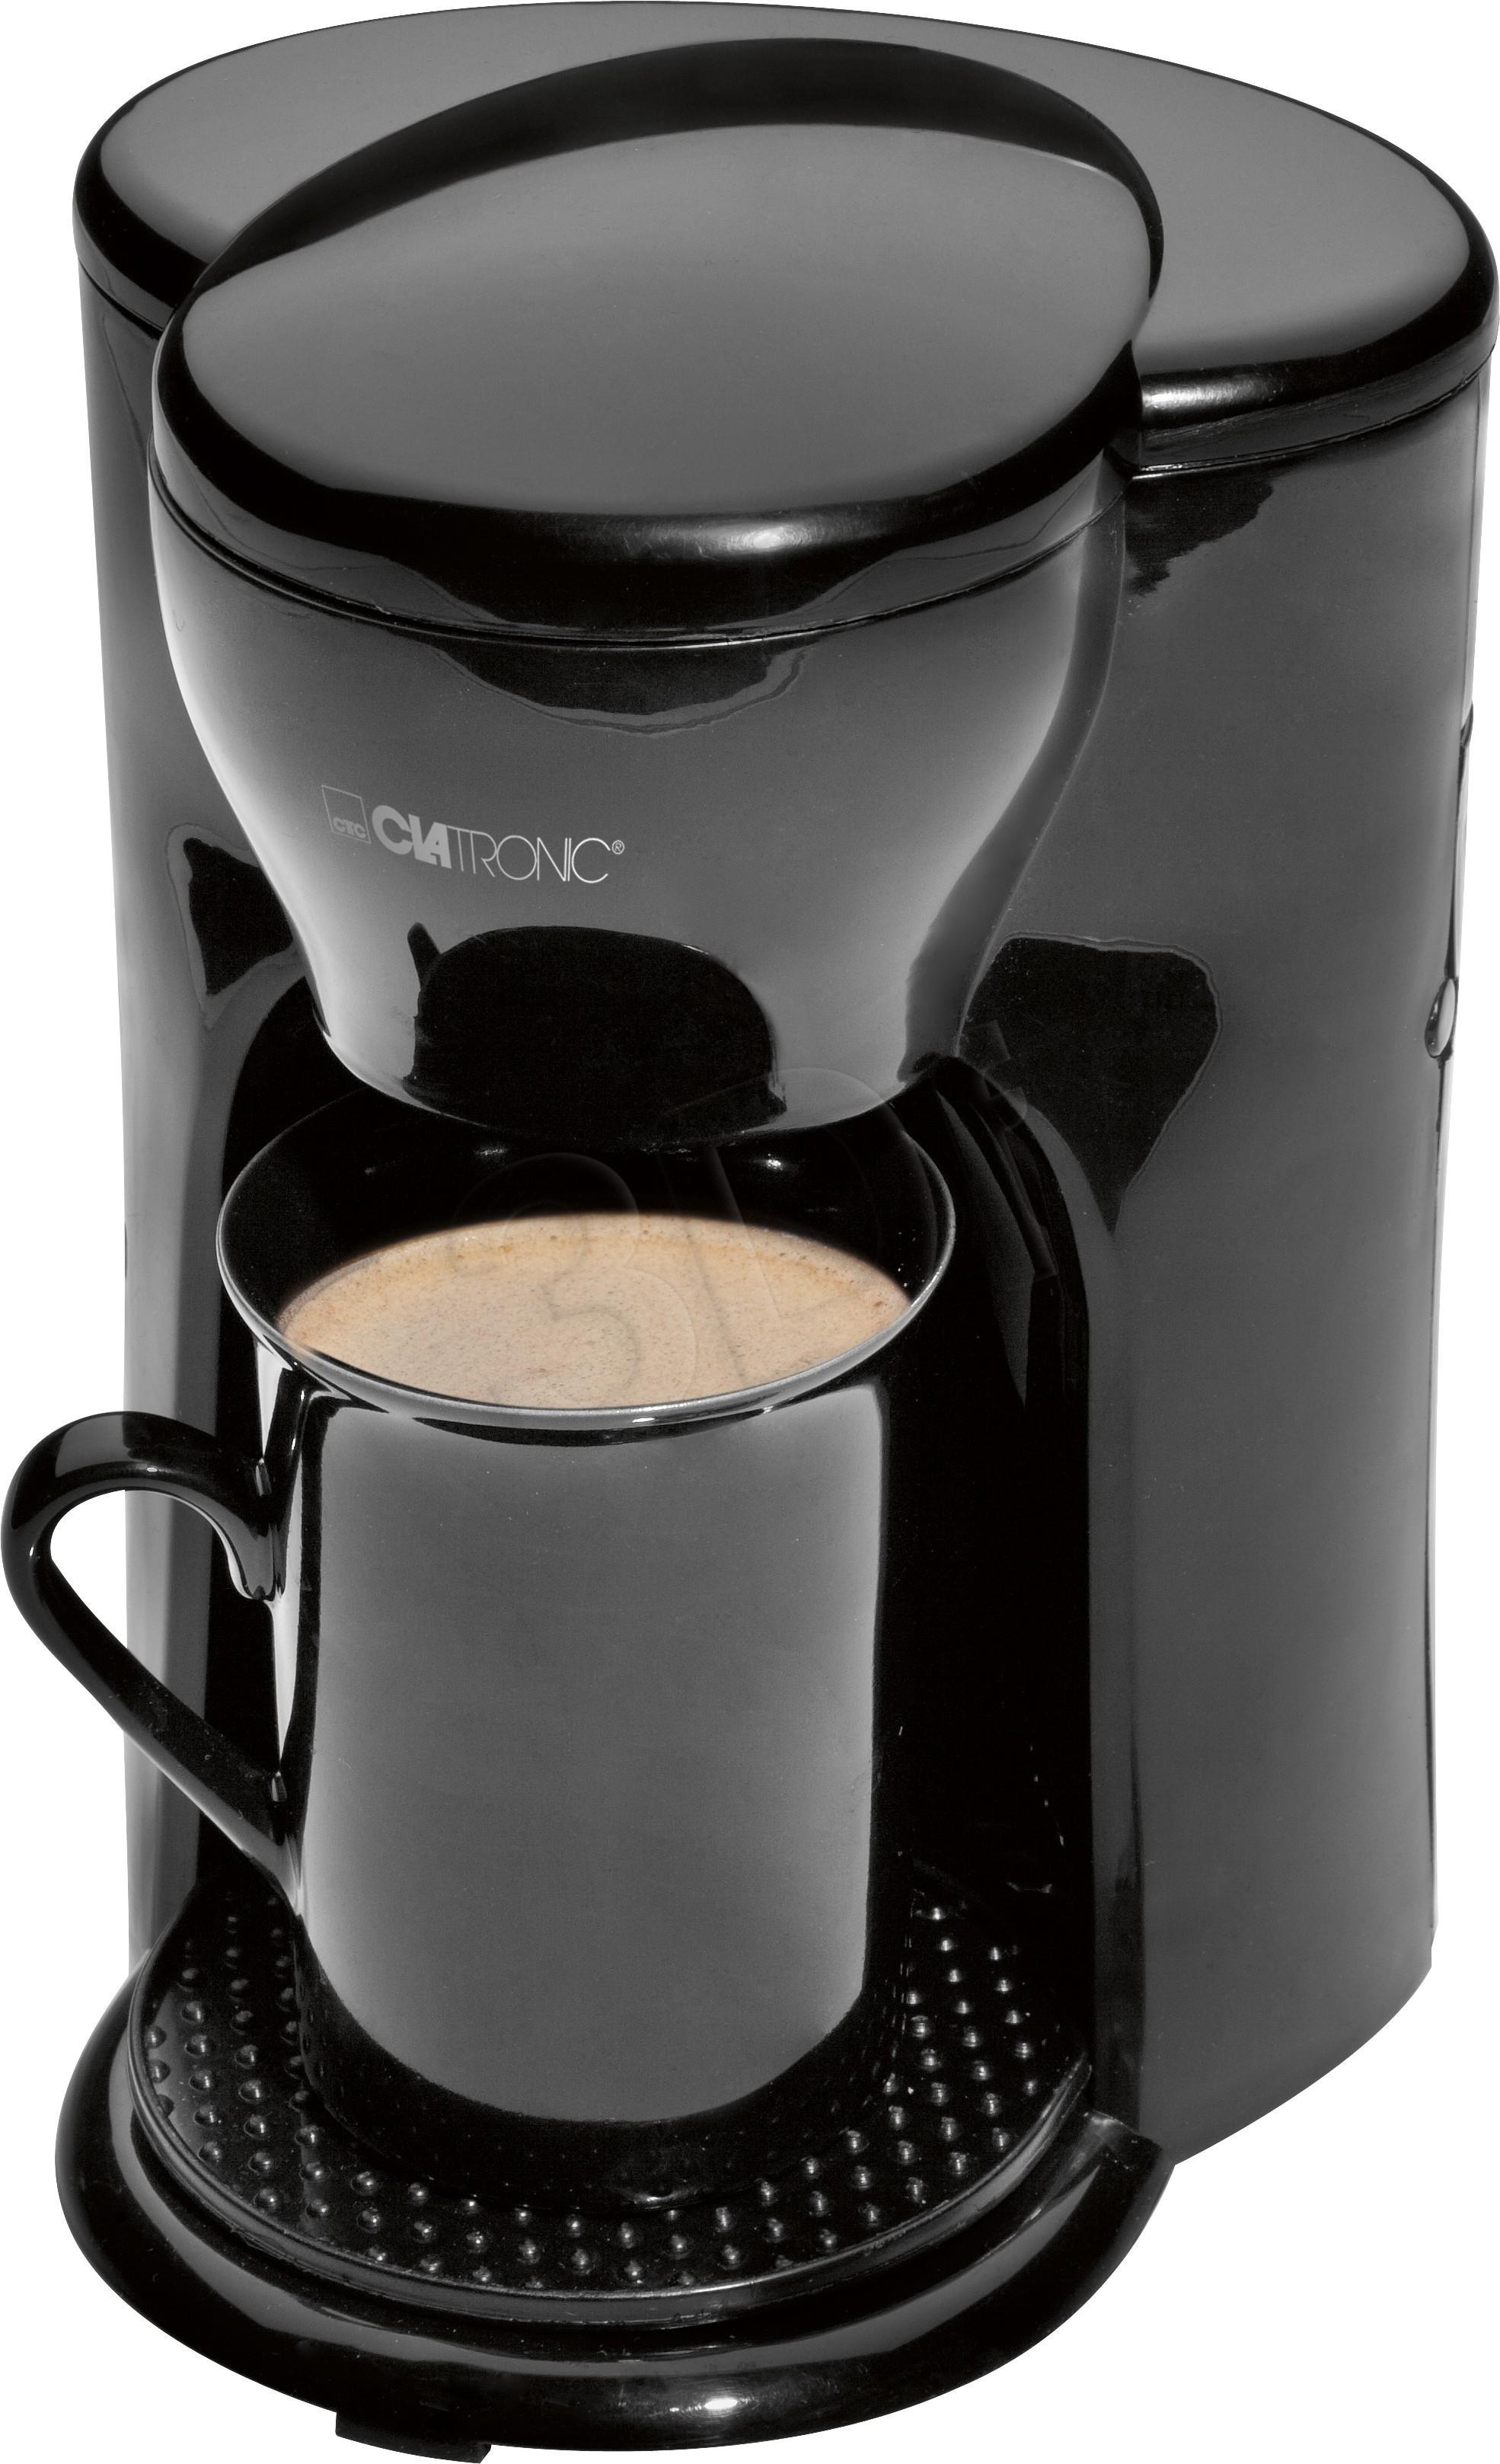 Clatronic KA 3356 Drip coffee maker Kafijas automāts